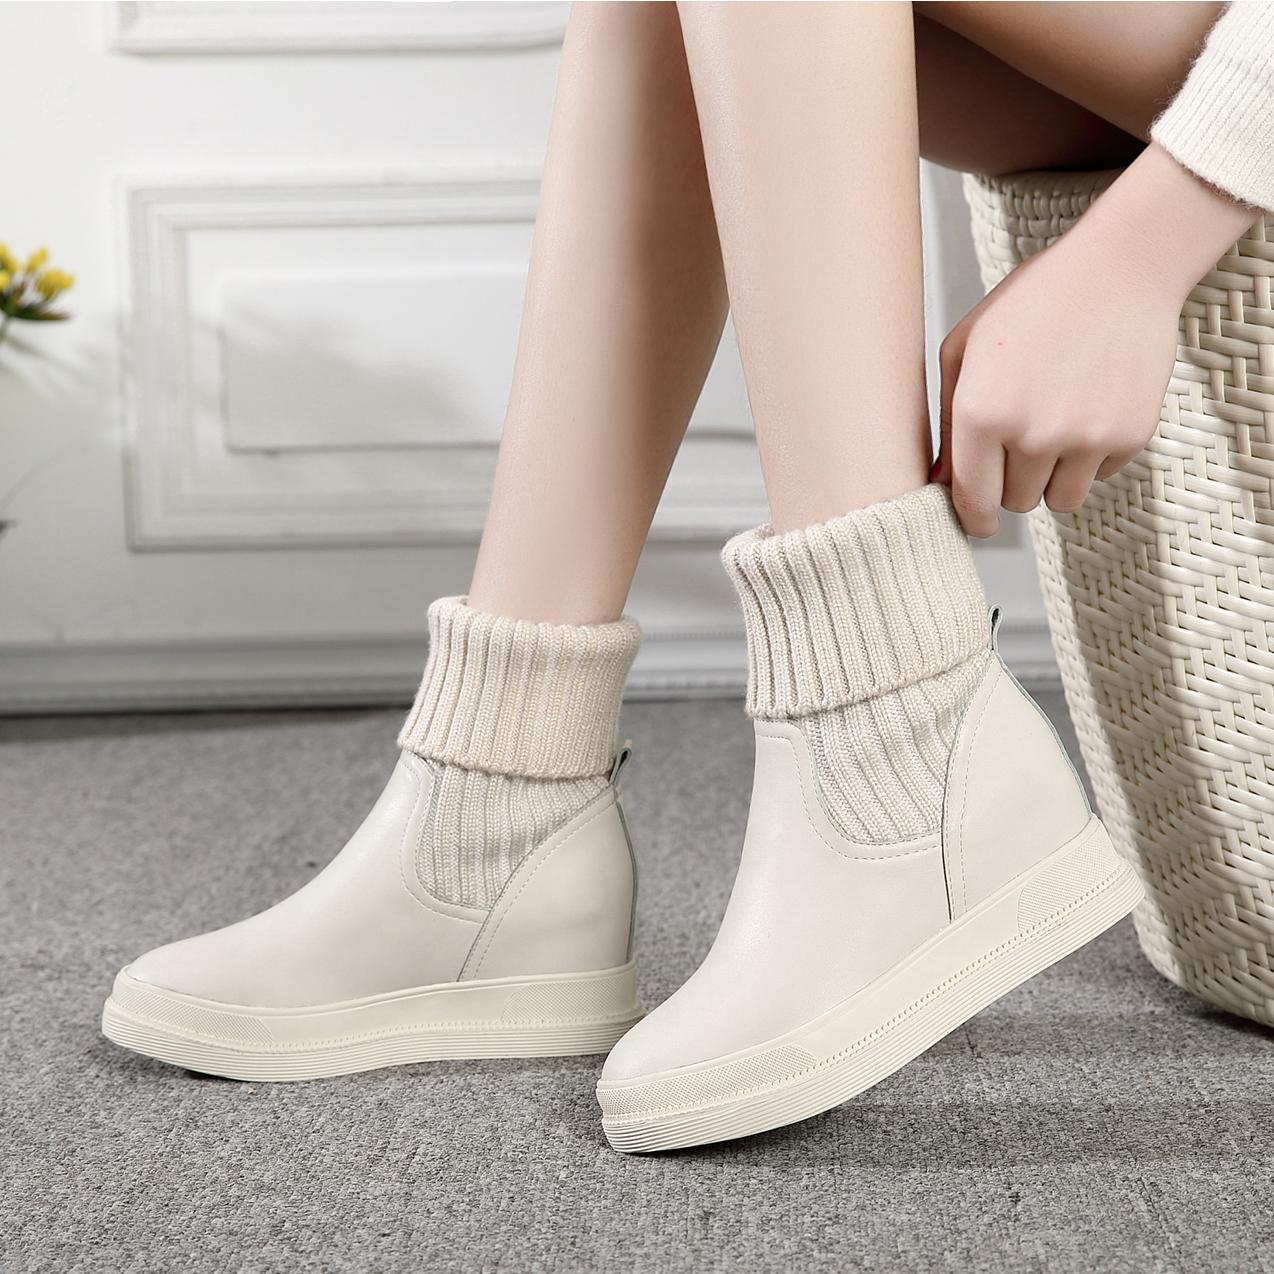 2020秋冬新款米白色圆头内增高女靴毛线短靴女高跟休闲加绒毛线靴